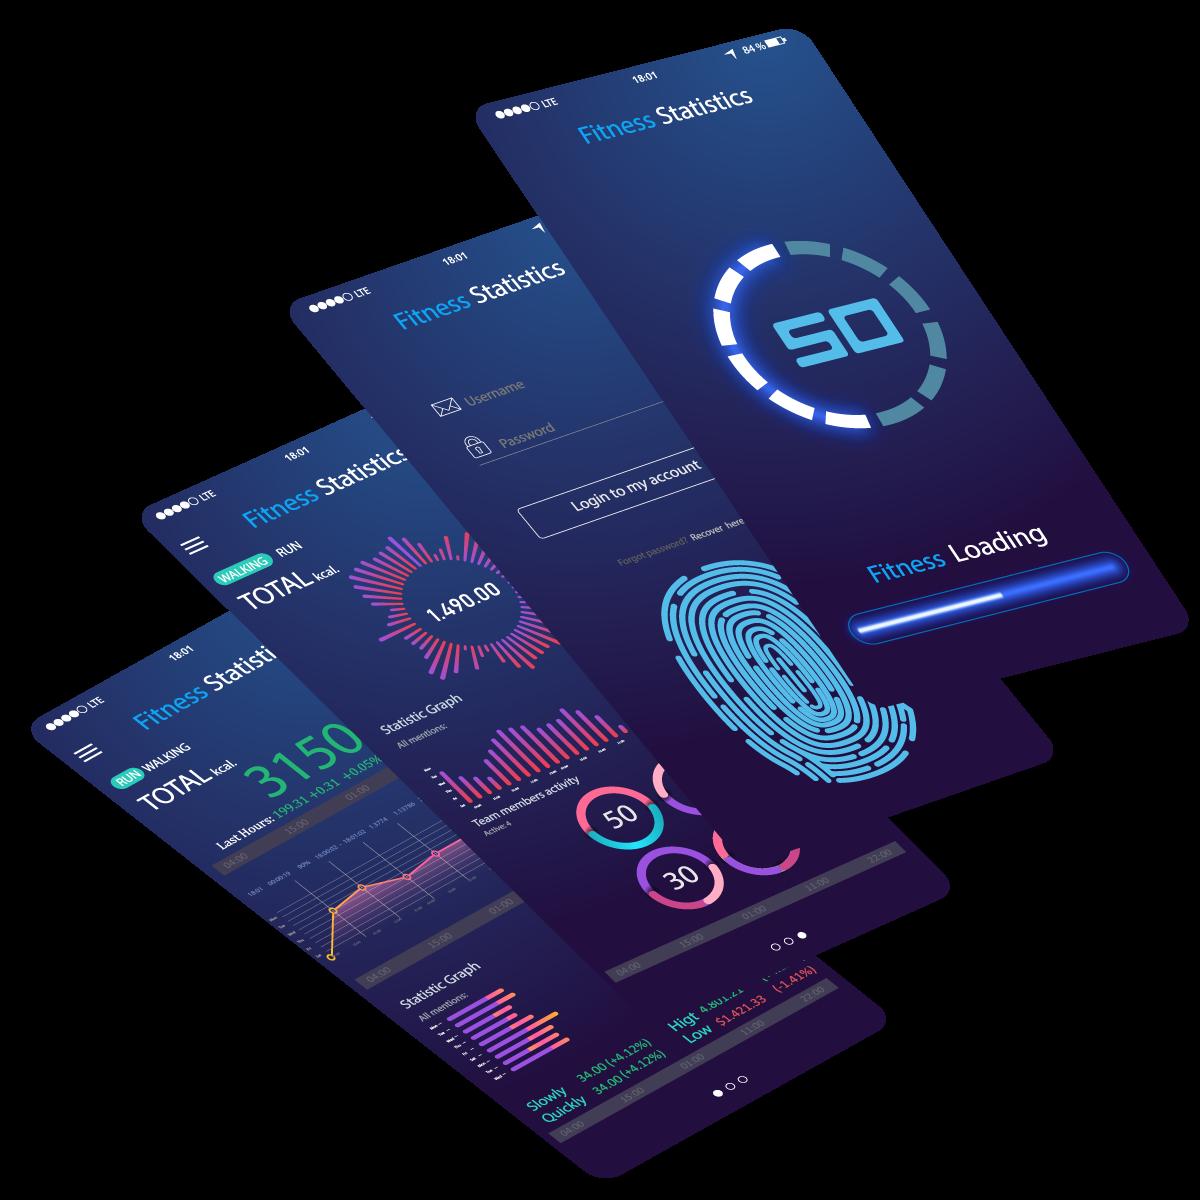 スマートフォン対応対応ウェブサイト・iOS対応モバイル版アプリケーション